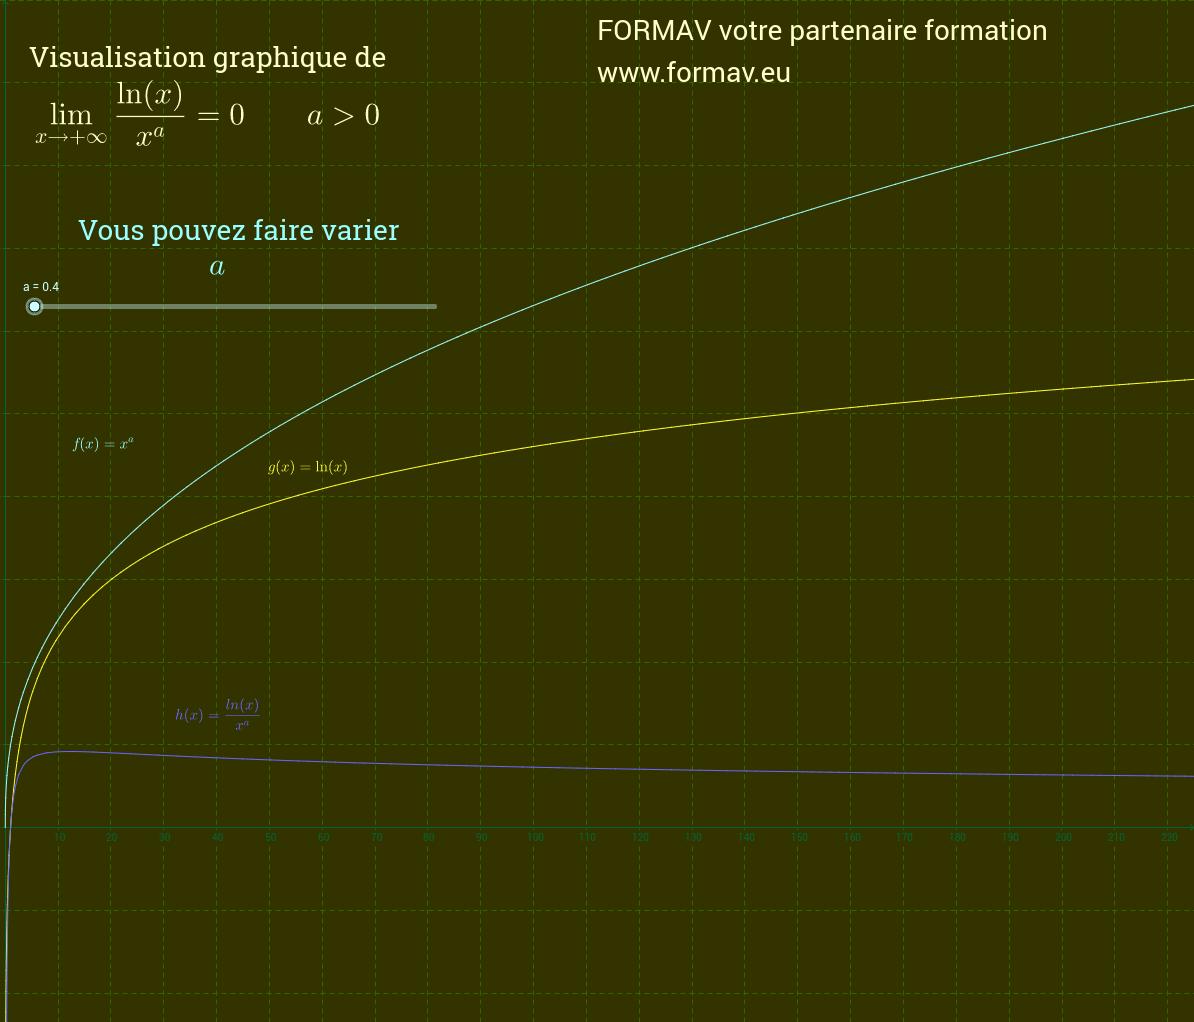 Limite comparée en l'infini de la fonction ln(x)